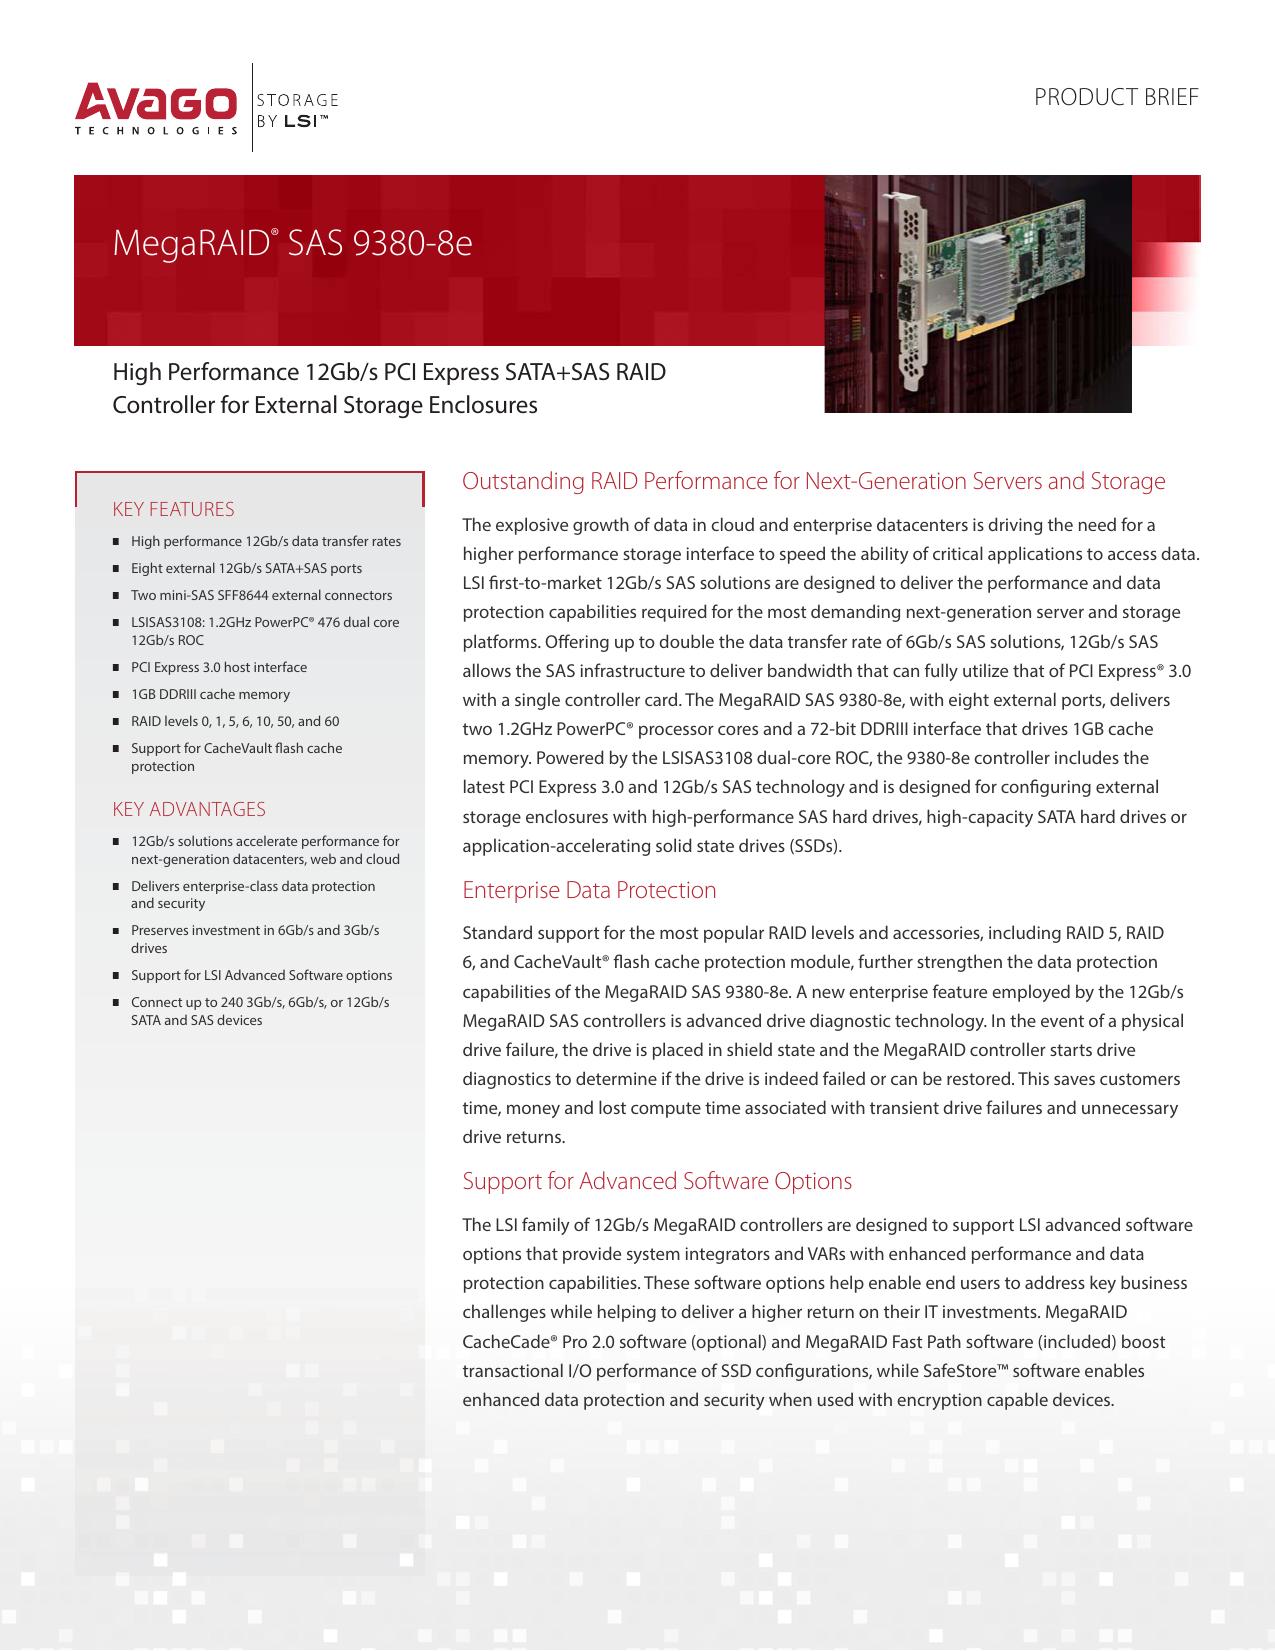 MegaRAID SAS 9380-8e Product Brief | manualzz com